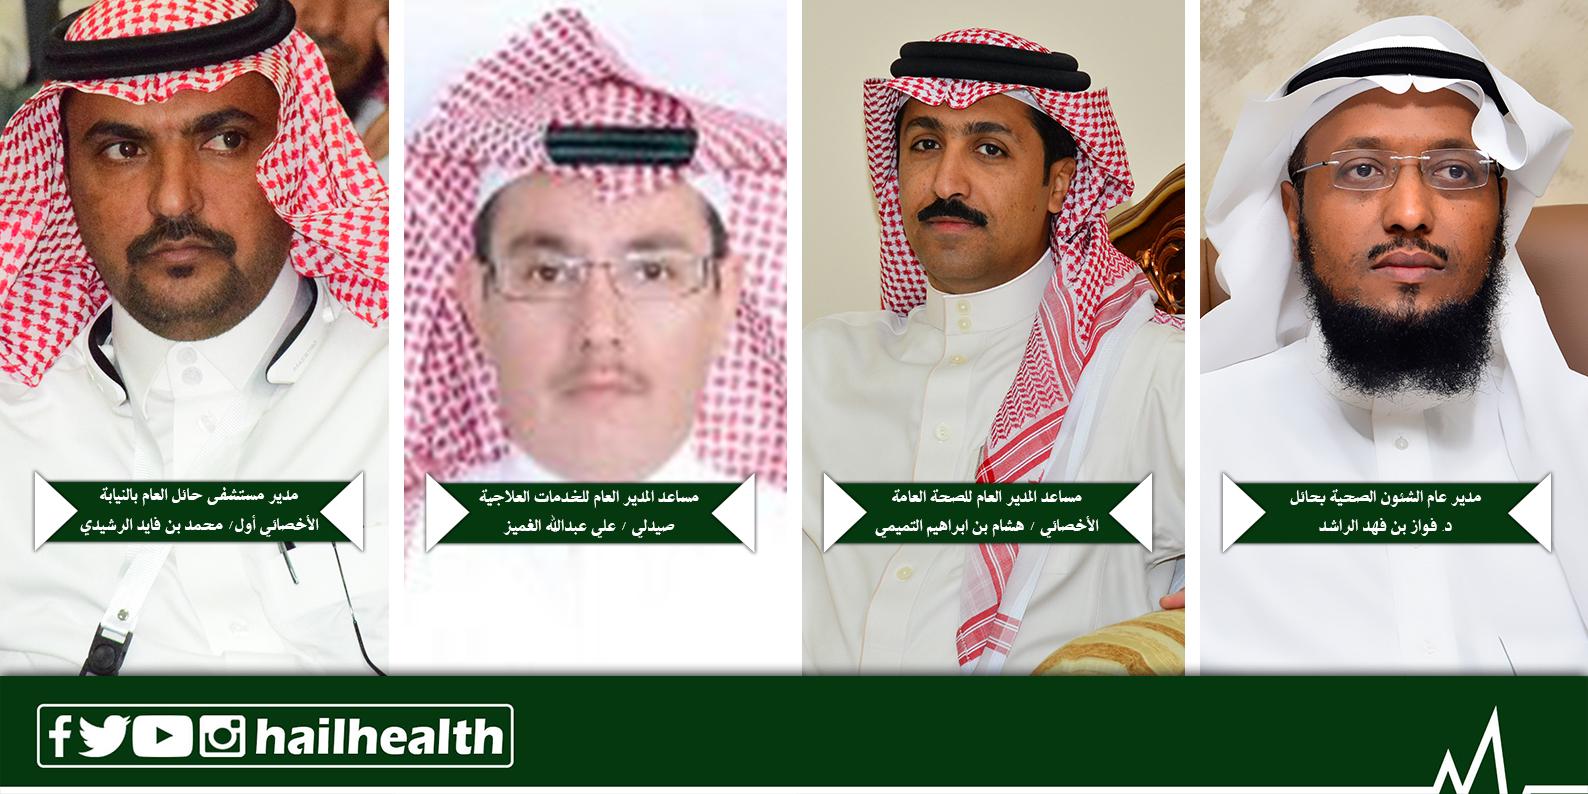 مدير عام صحة حائل يصدر عددا من القرارات الإدارية المديرية العامة للشؤون الصحية بحائل